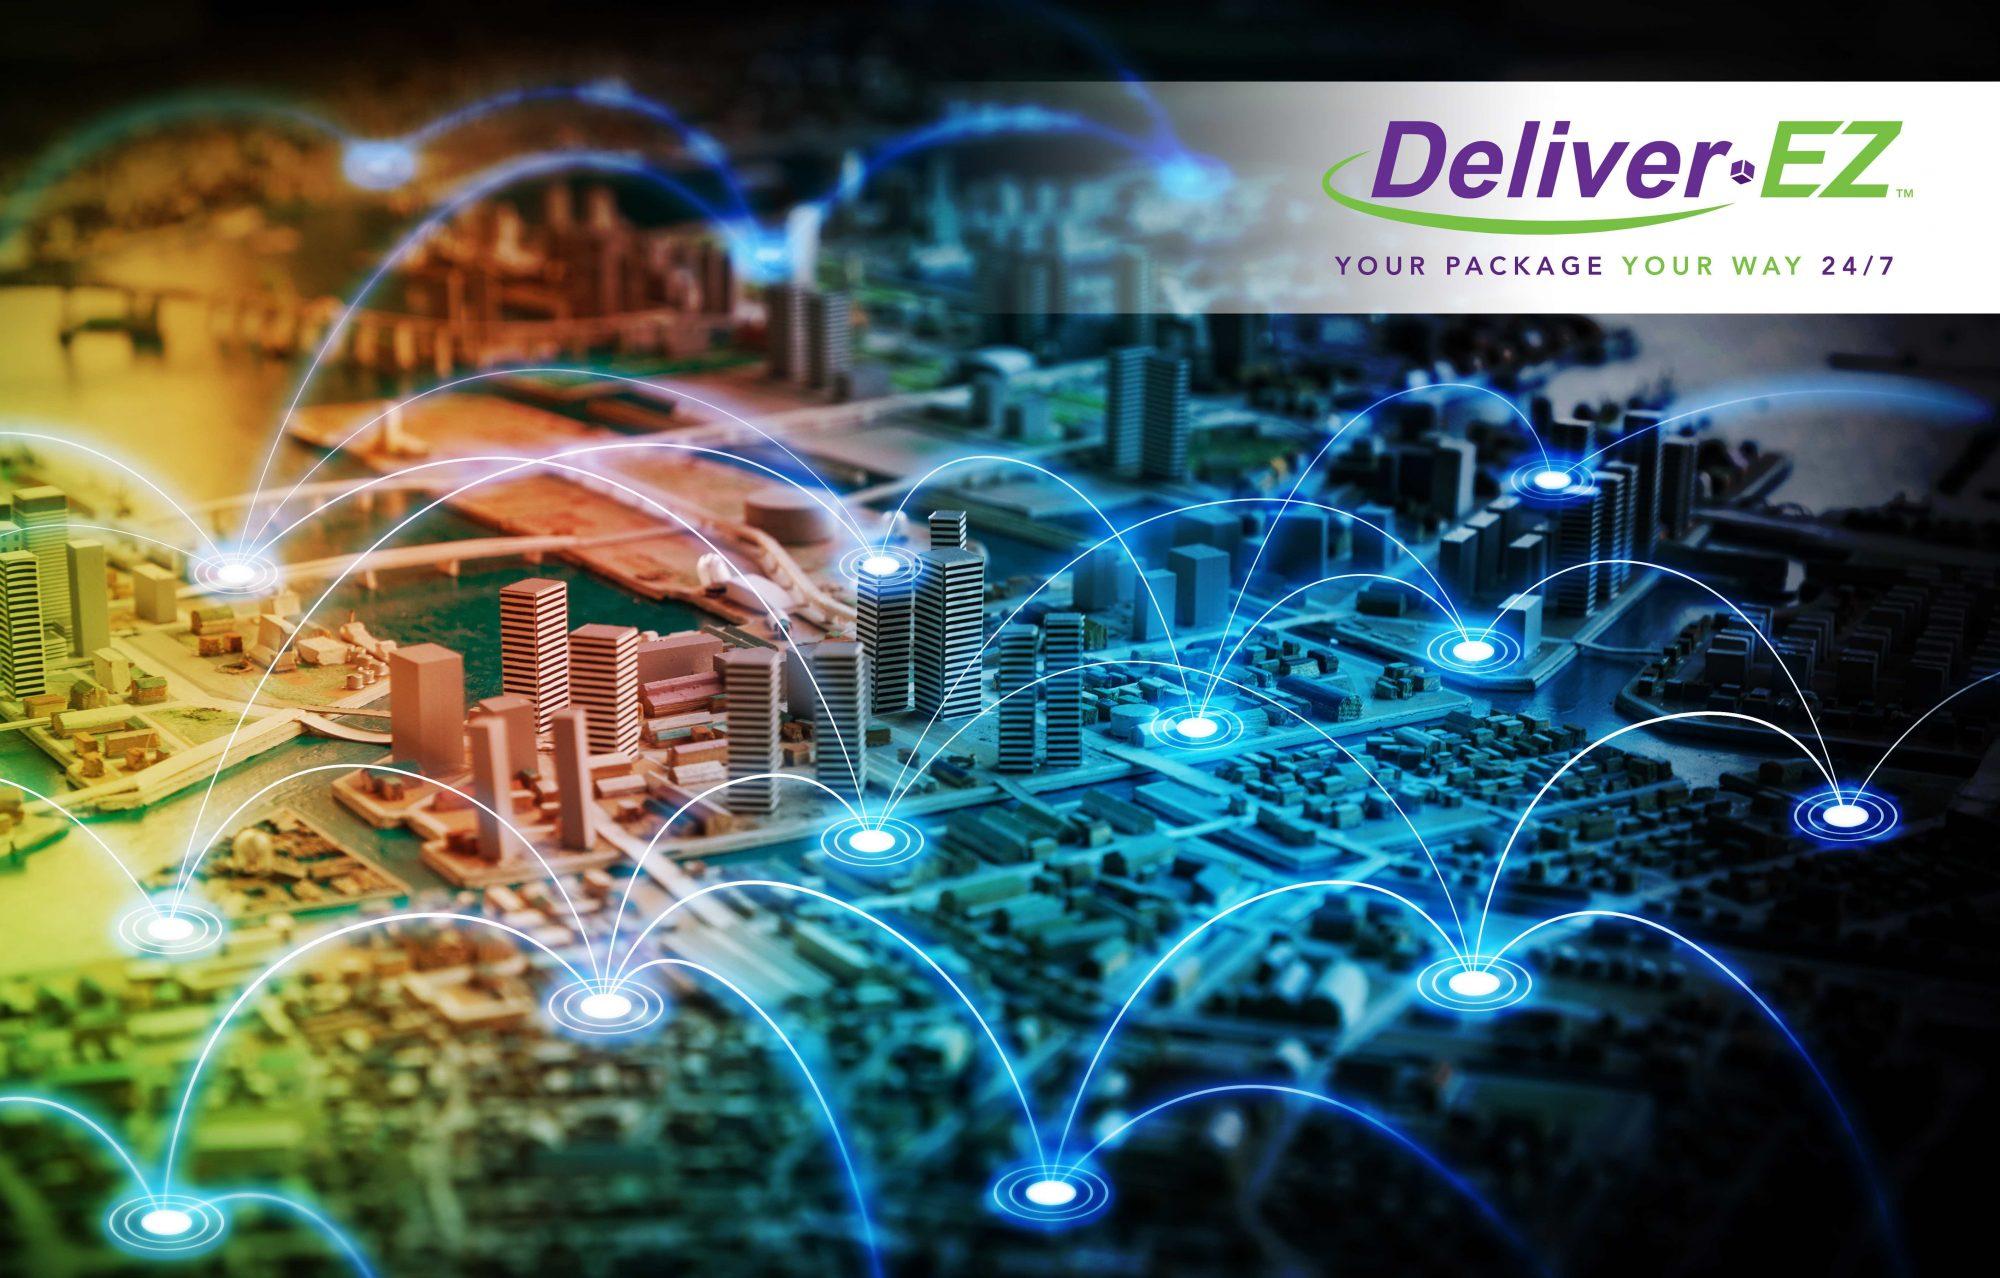 Deliver-EZ Media